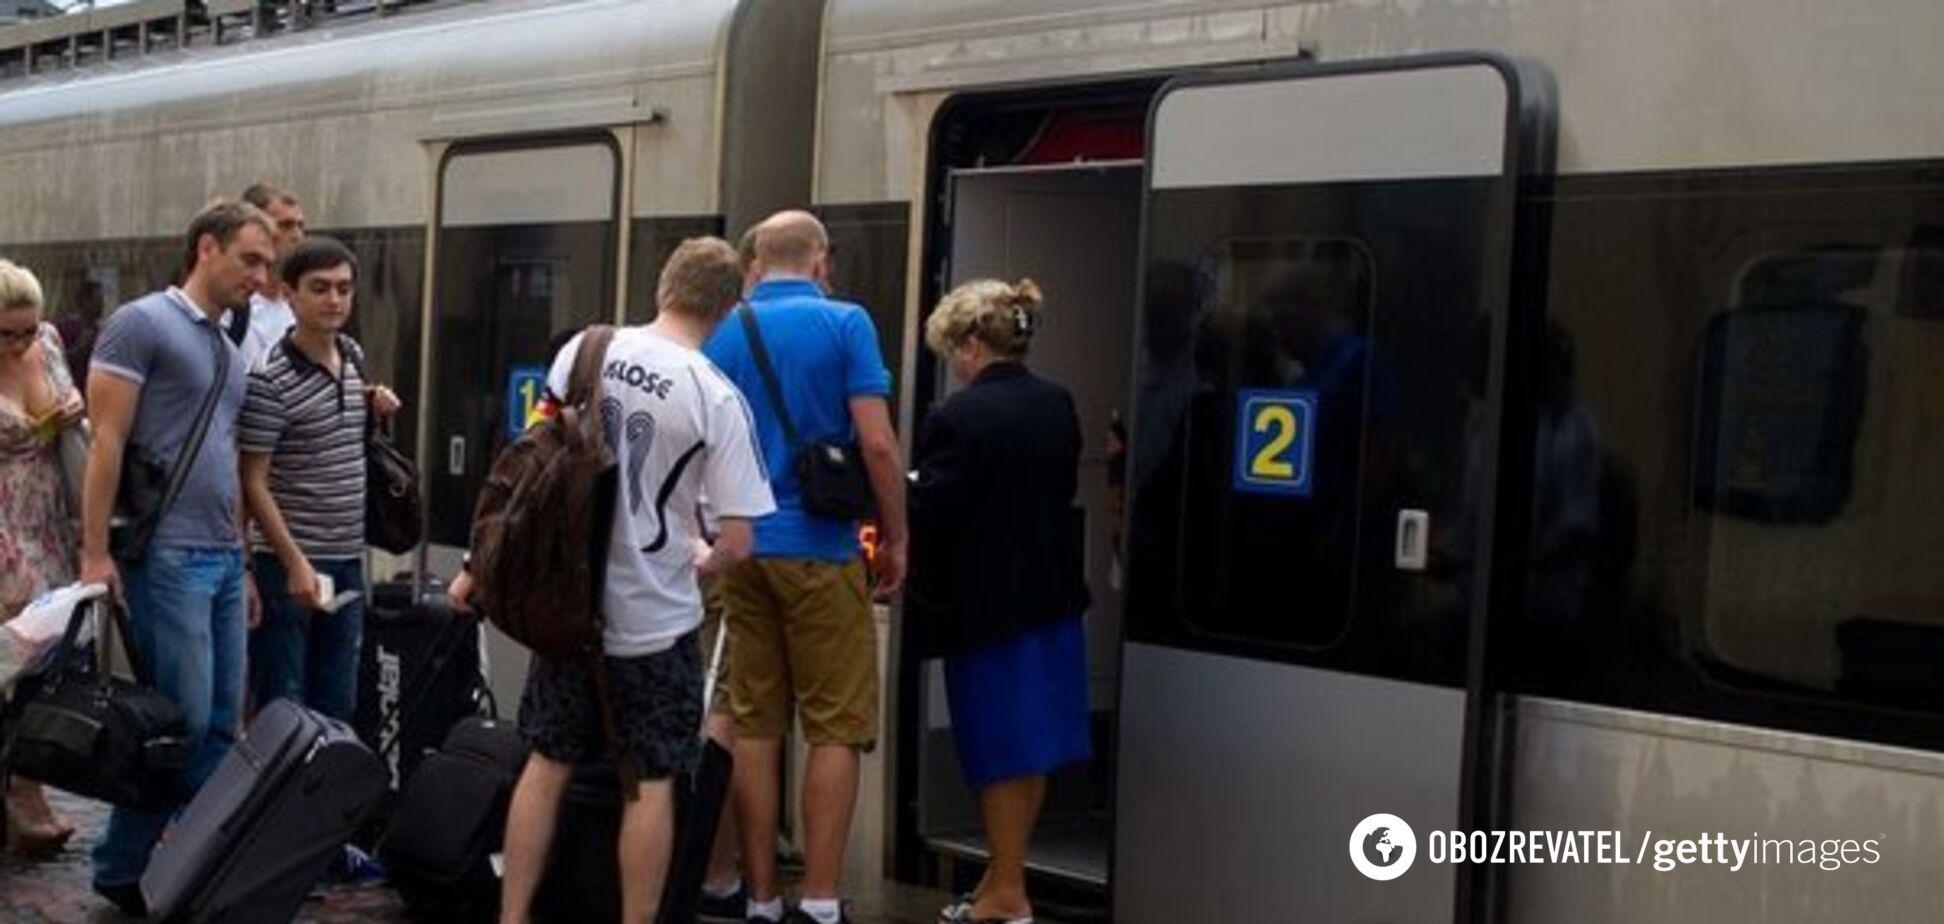 'Укрзалізниця' запустить десятки додаткових поїздів: Кравцов озвучив причини